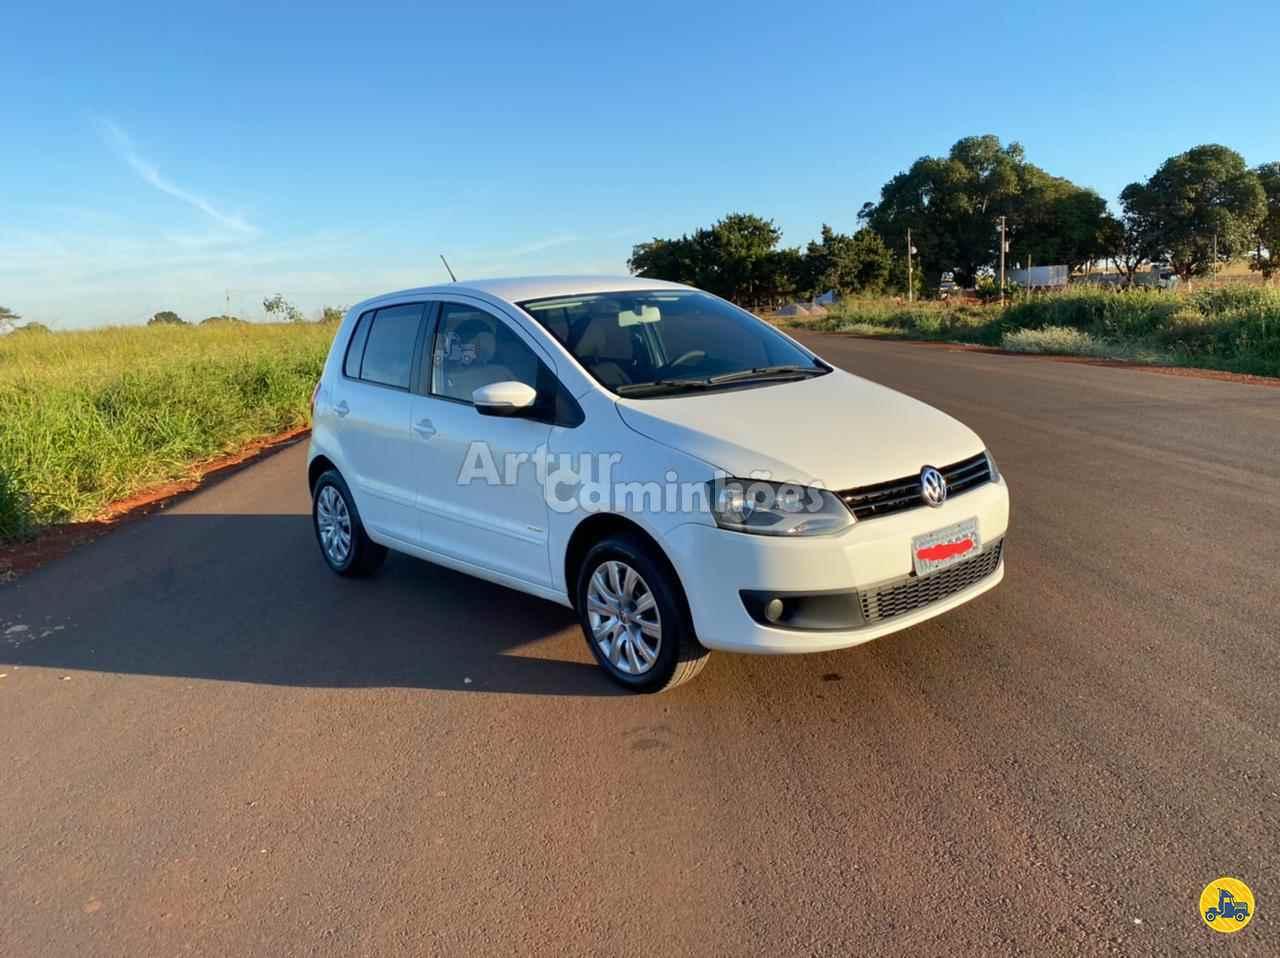 CARRO VW - Volkswagen Fox 1.0 MI Artur Caminhões DIVINOPOLIS MINAS GERAIS MG